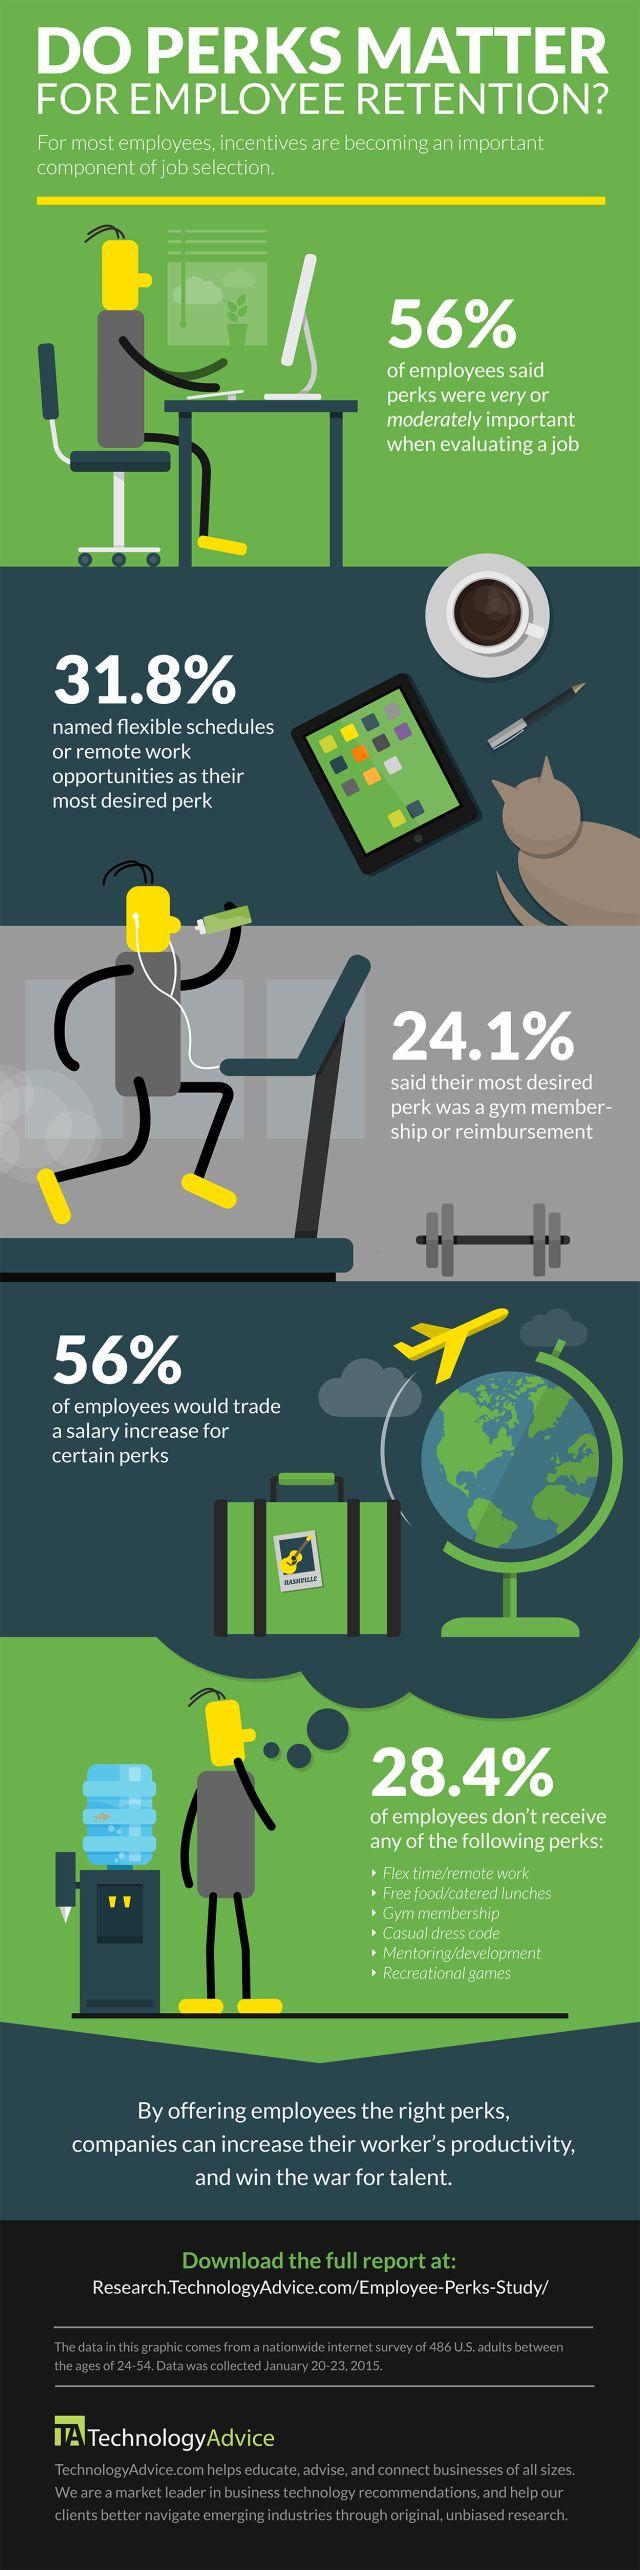 Do perks matter for employee retention? #career #infographic #employee